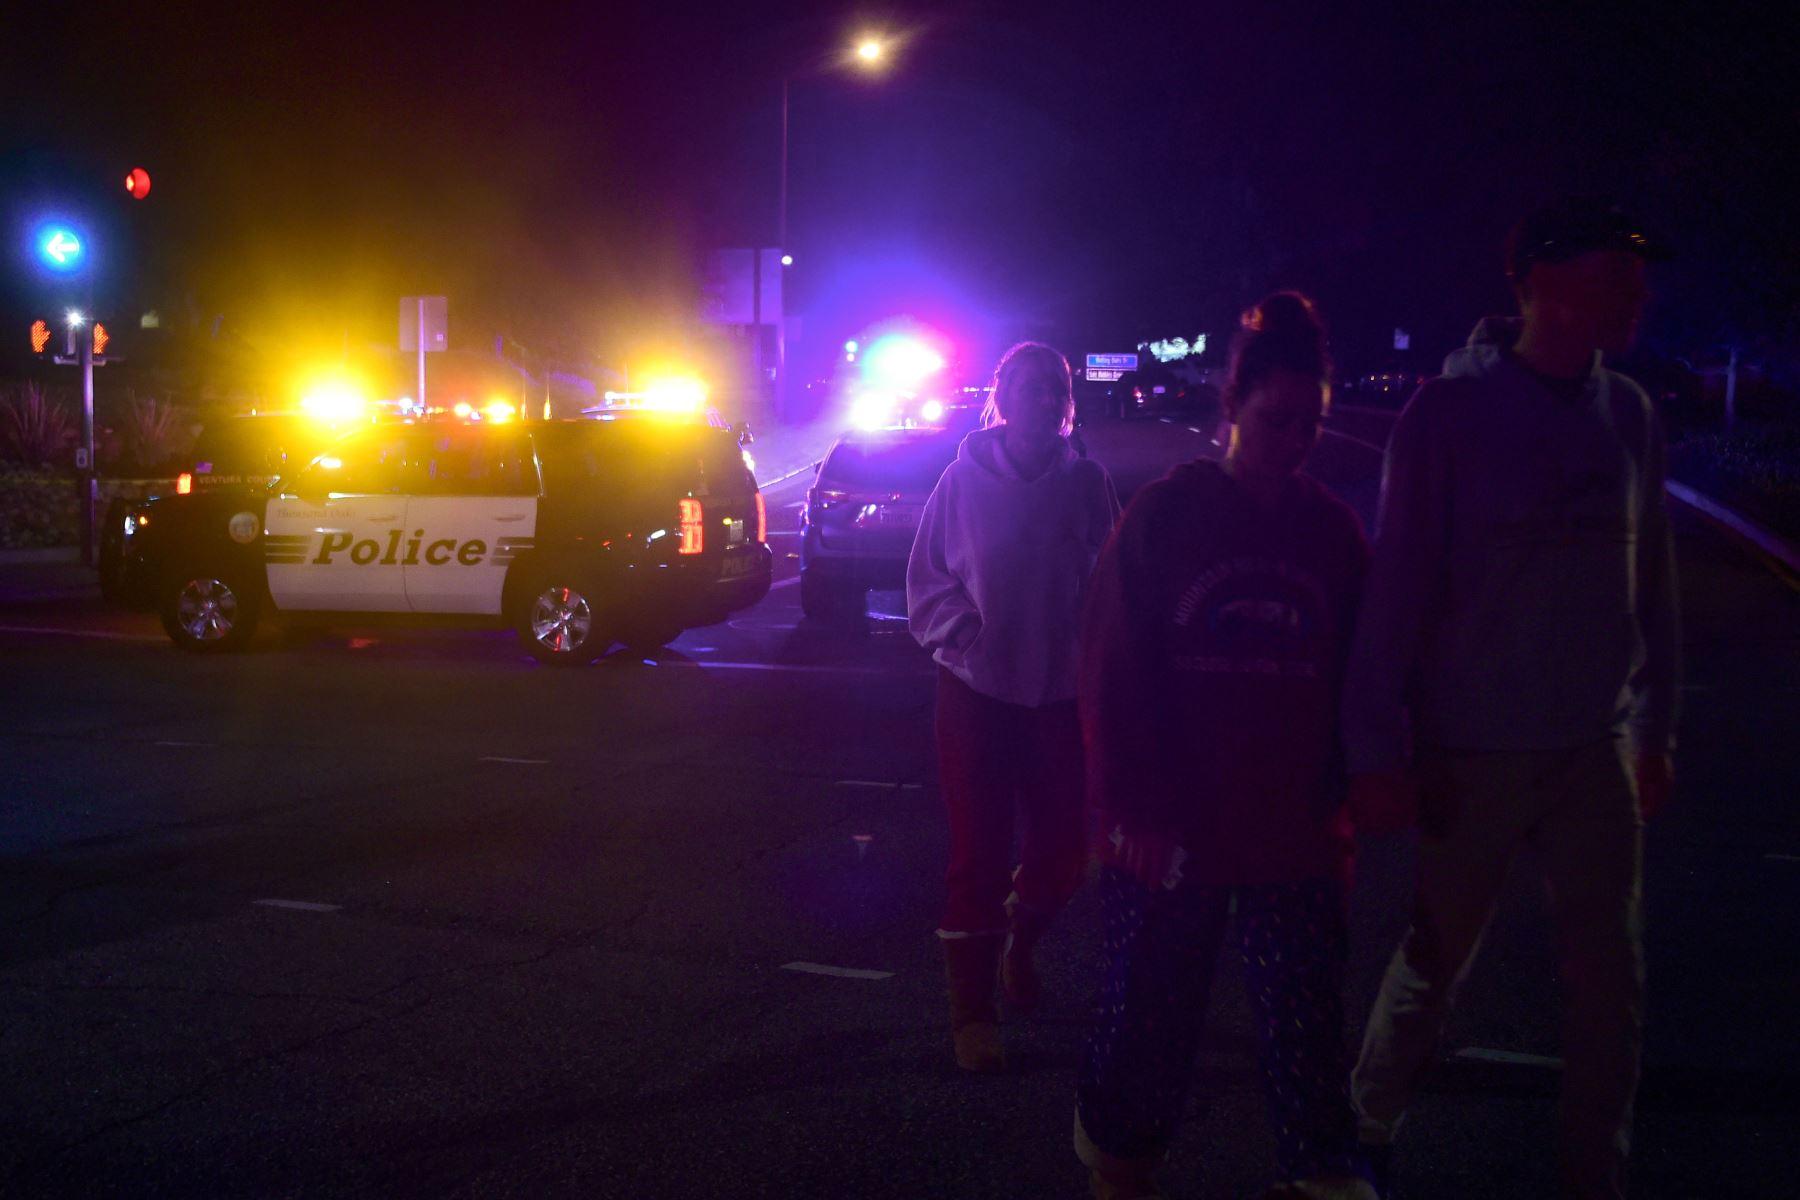 La gente se aleja de la escena mientras se despliega en la intersección de la autopista US 101 y la salida de Moorpark Rad cuando los vehículos de la policía cierran el área respondiendo a un tiroteo en un bar en Thousand Oaks, California, el 8 de noviembre de 2018. - Doce personas, incluyendo a un sargento de la policía, fueron asesinados a tiros en un tiroteo en un club nocturno cerca de Los Ángeles, dijo la policía el jueves. Todas las víctimas fueron asesinadas dentro del bar en el suburbio de Thousand